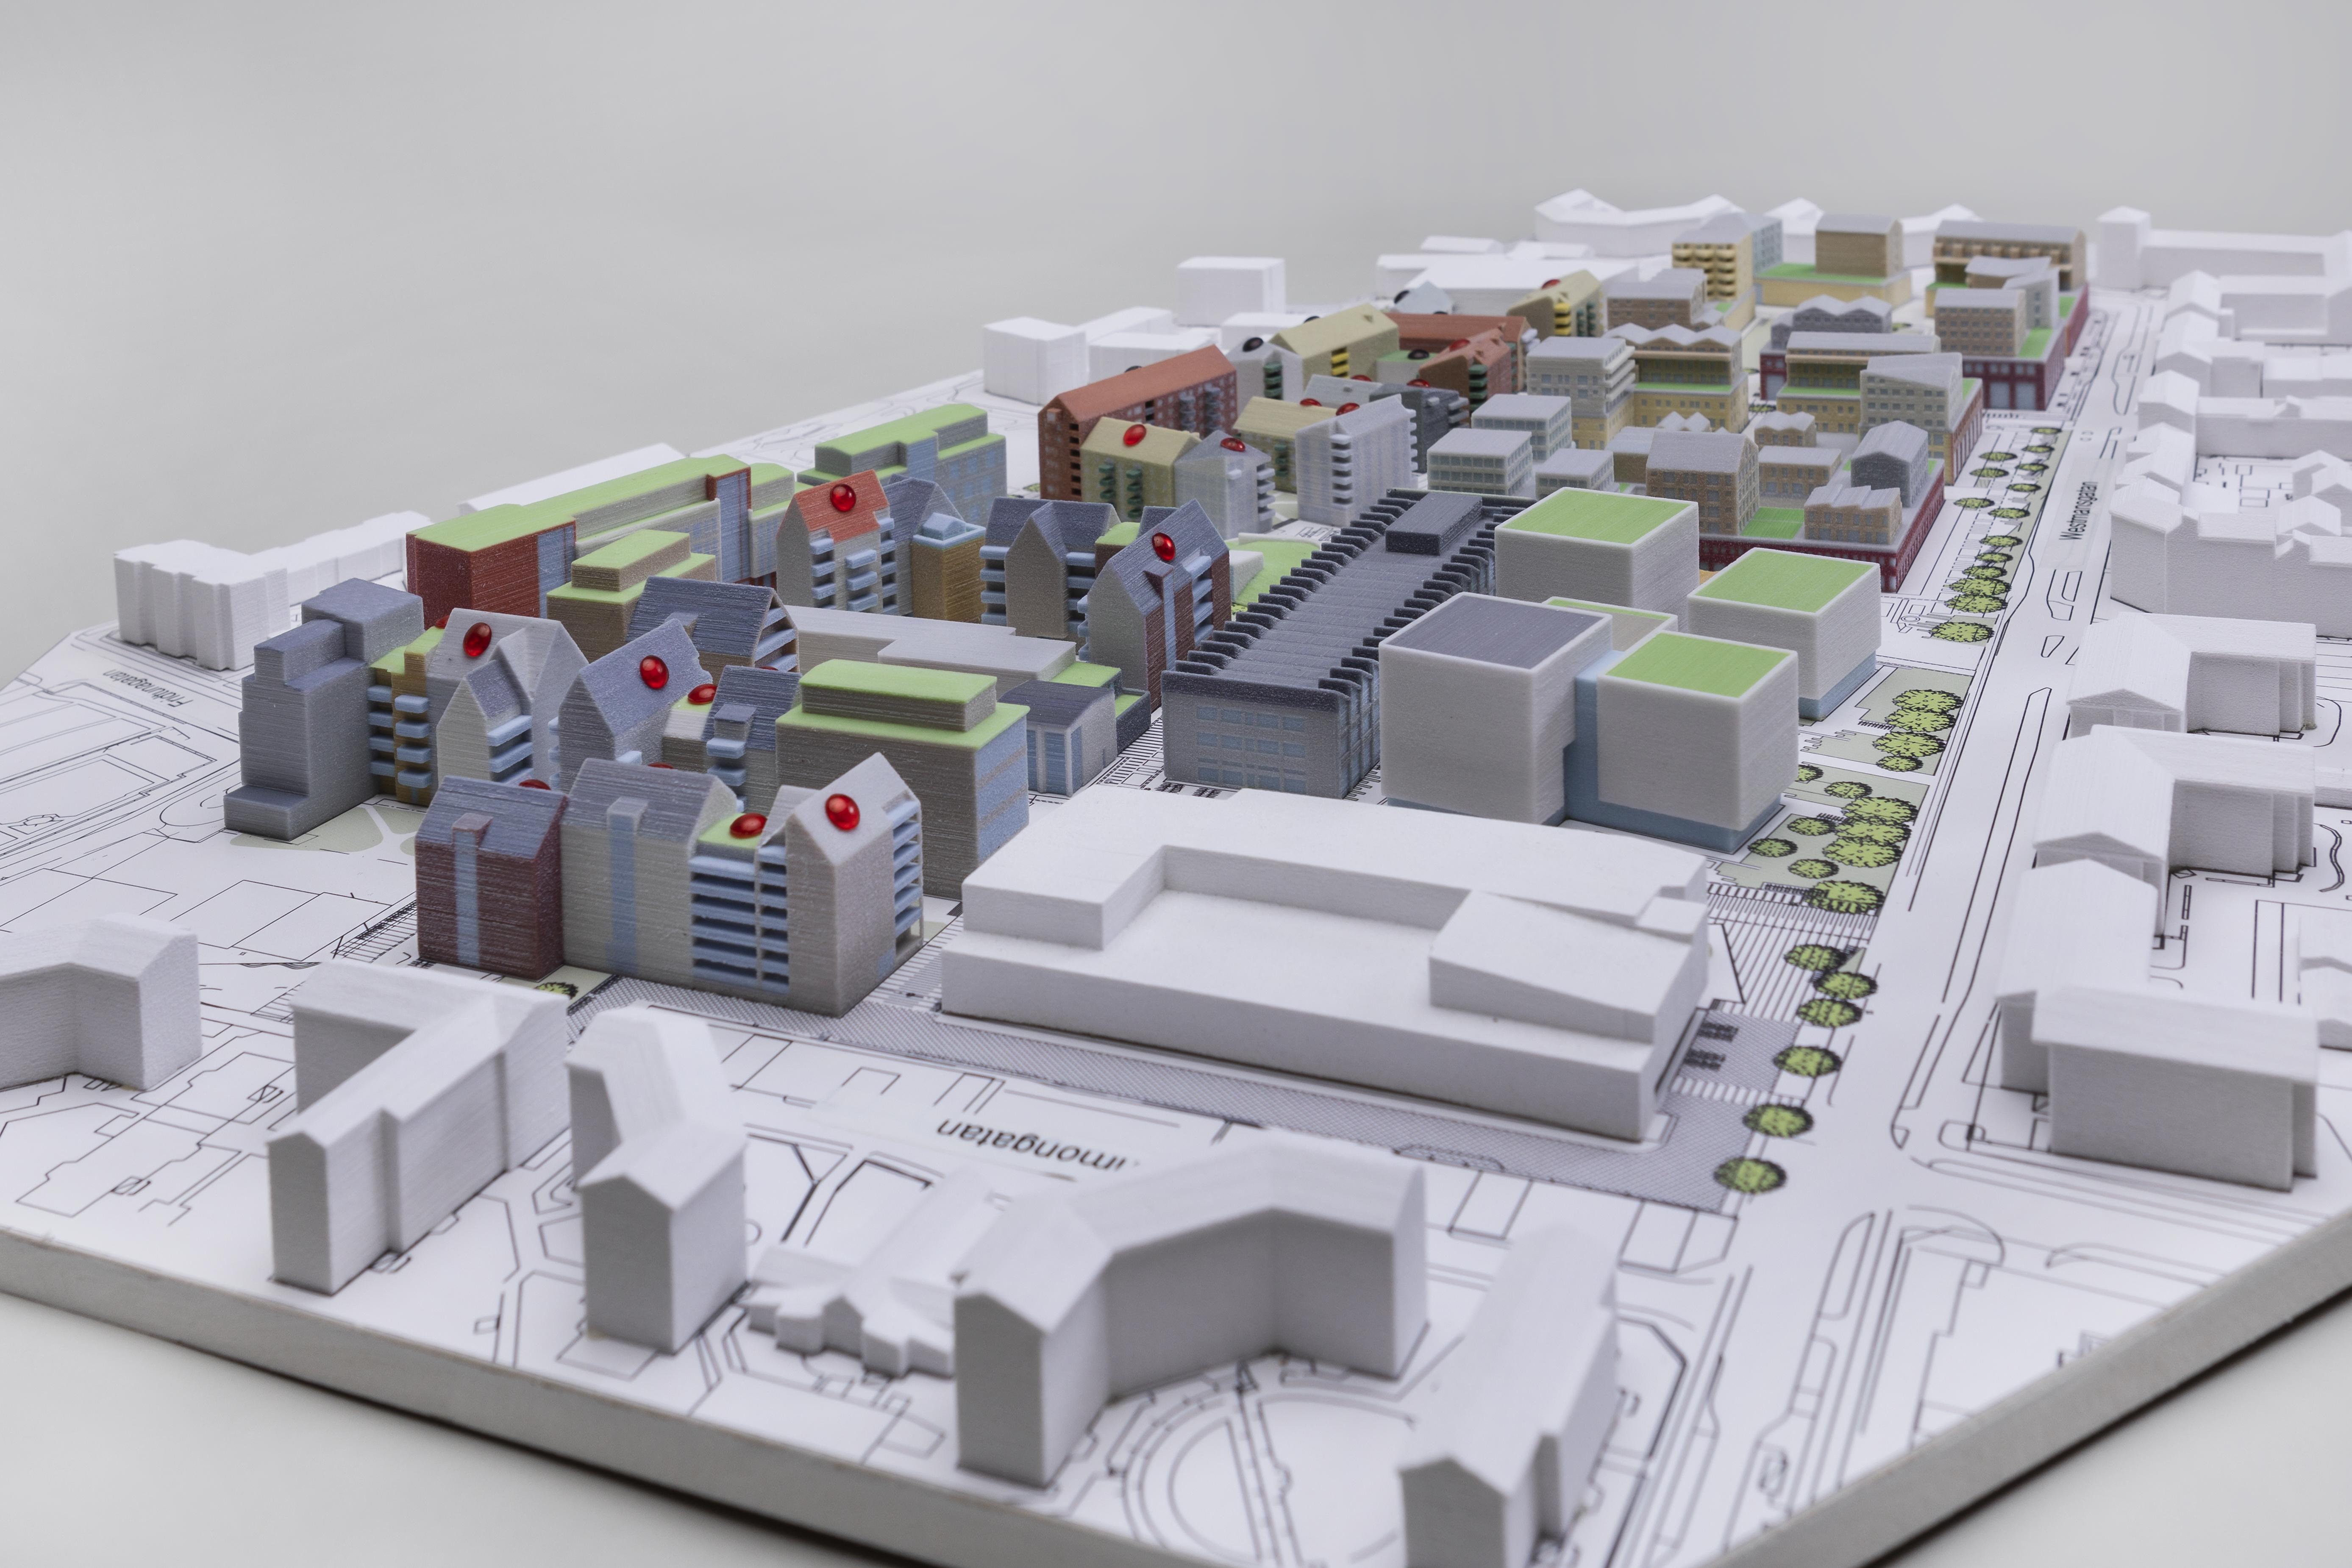 67ee641e6c4d Arkitektkopias utskrift av en modell som föreställer Ebbepark i Linköping.